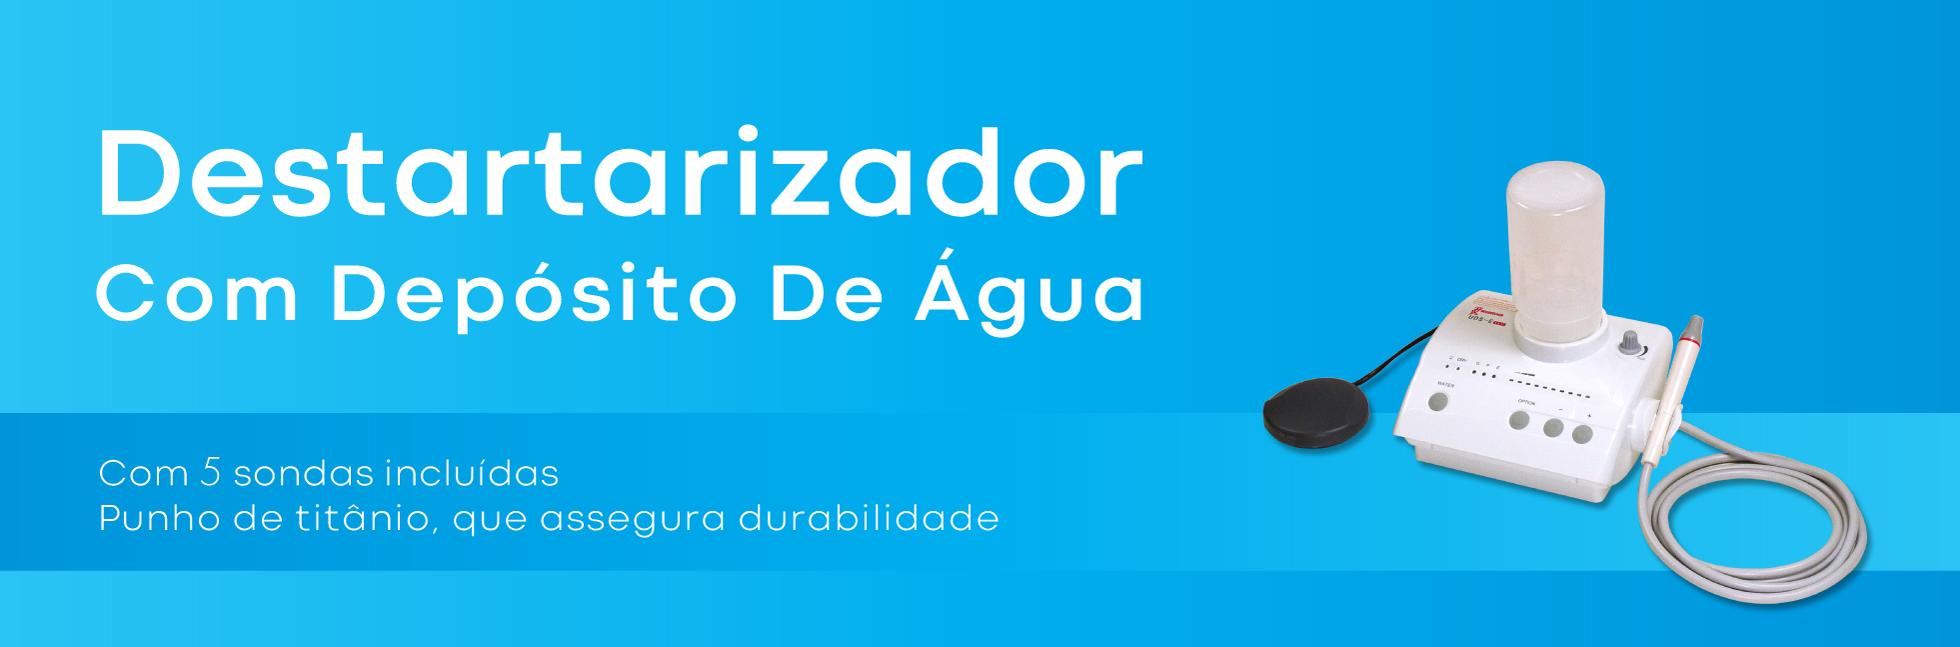 catalog/banners/PT_destartarizador.jpg